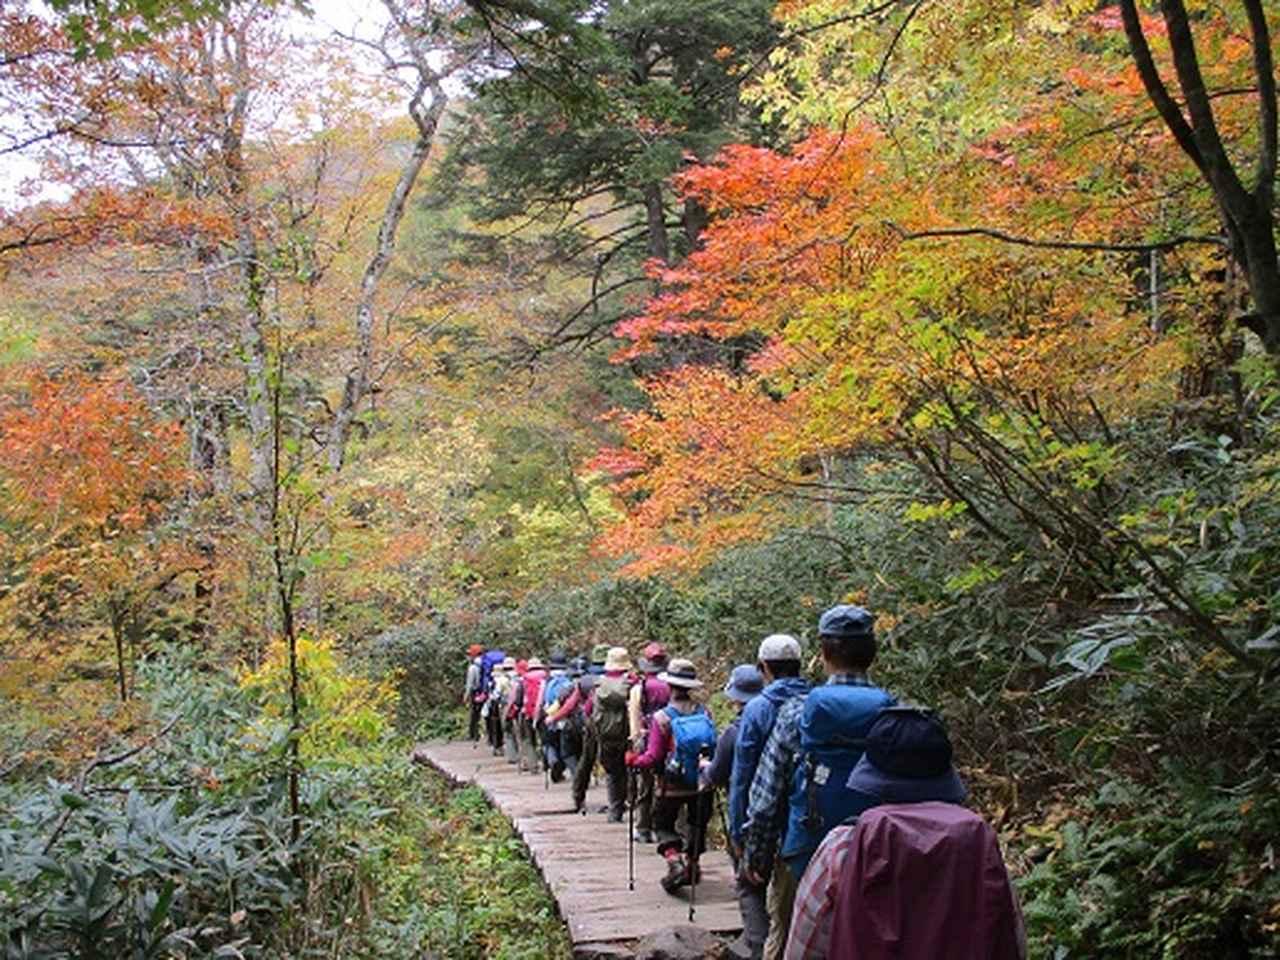 画像2: 【山旅会・登山ガイドこだわりツアー】添乗員からの便り・尾瀬燧裏林道ツアーにいってまいりました!(その1)